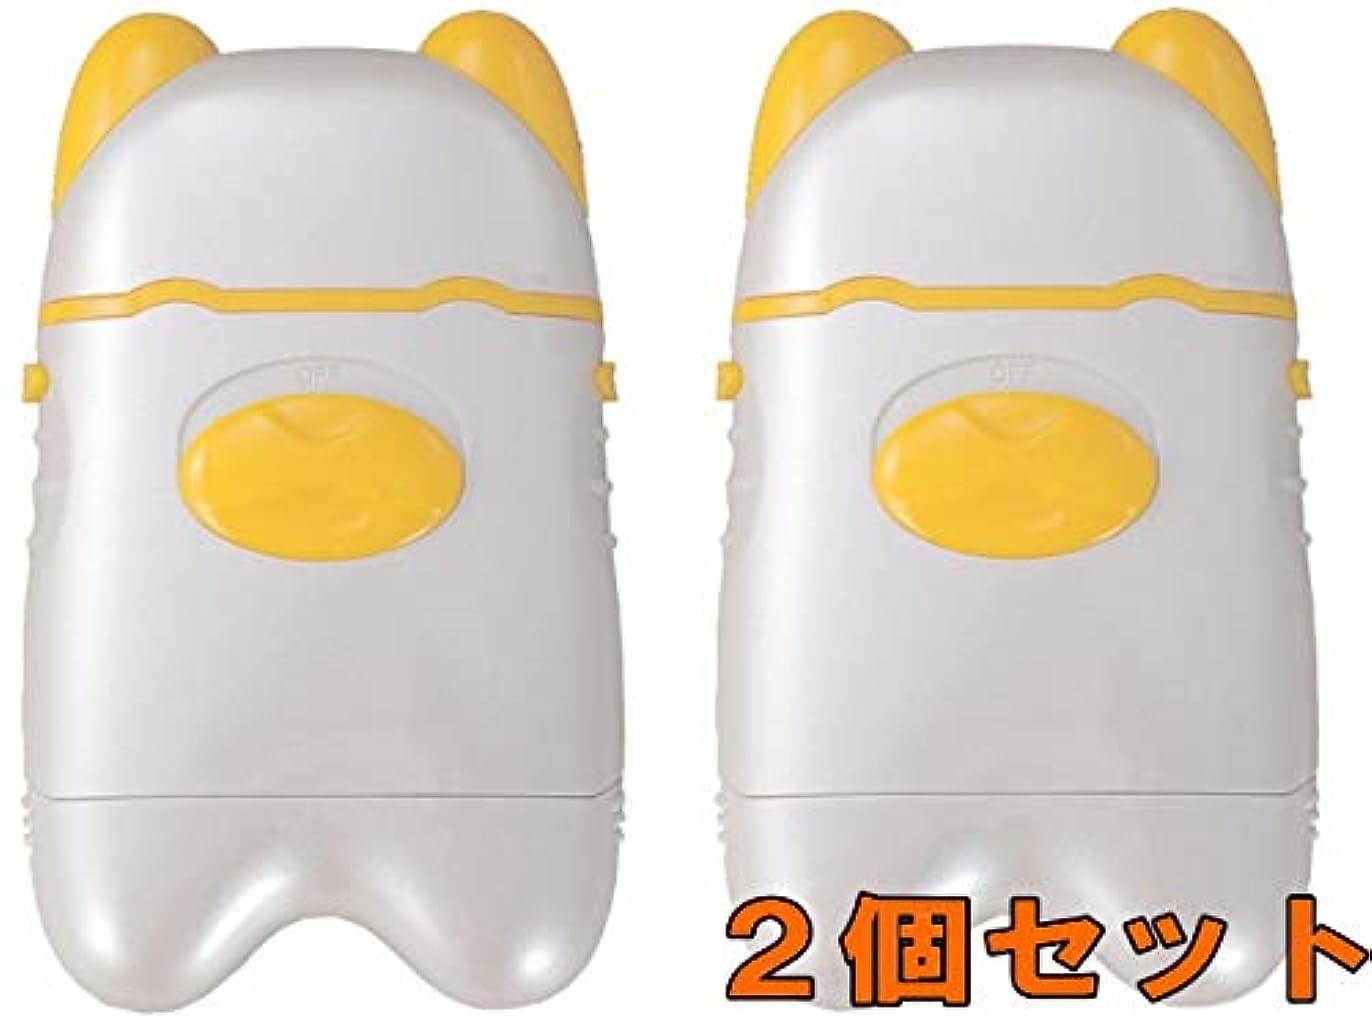 目覚めるリスナーアクチュエータ【2個セット】電動爪切り EL-40191 爪削り ネイルケア